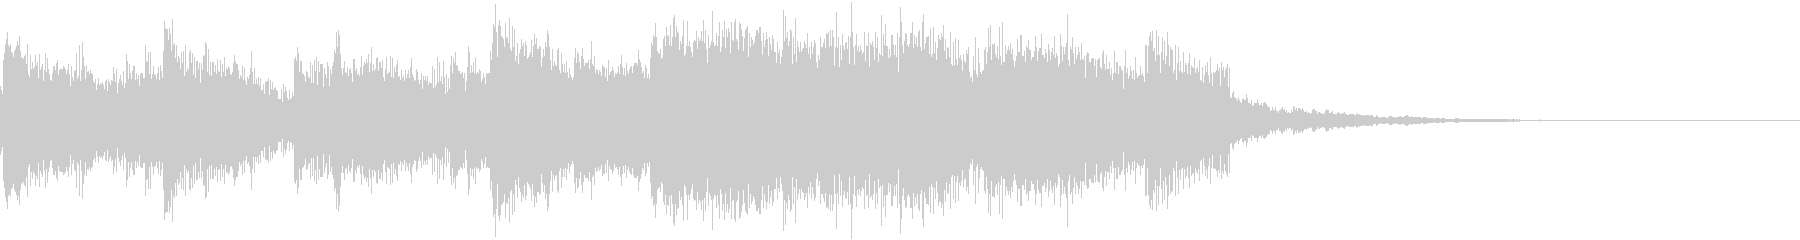 ピアノ中心のオリエンタルなジングルの未再生の波形